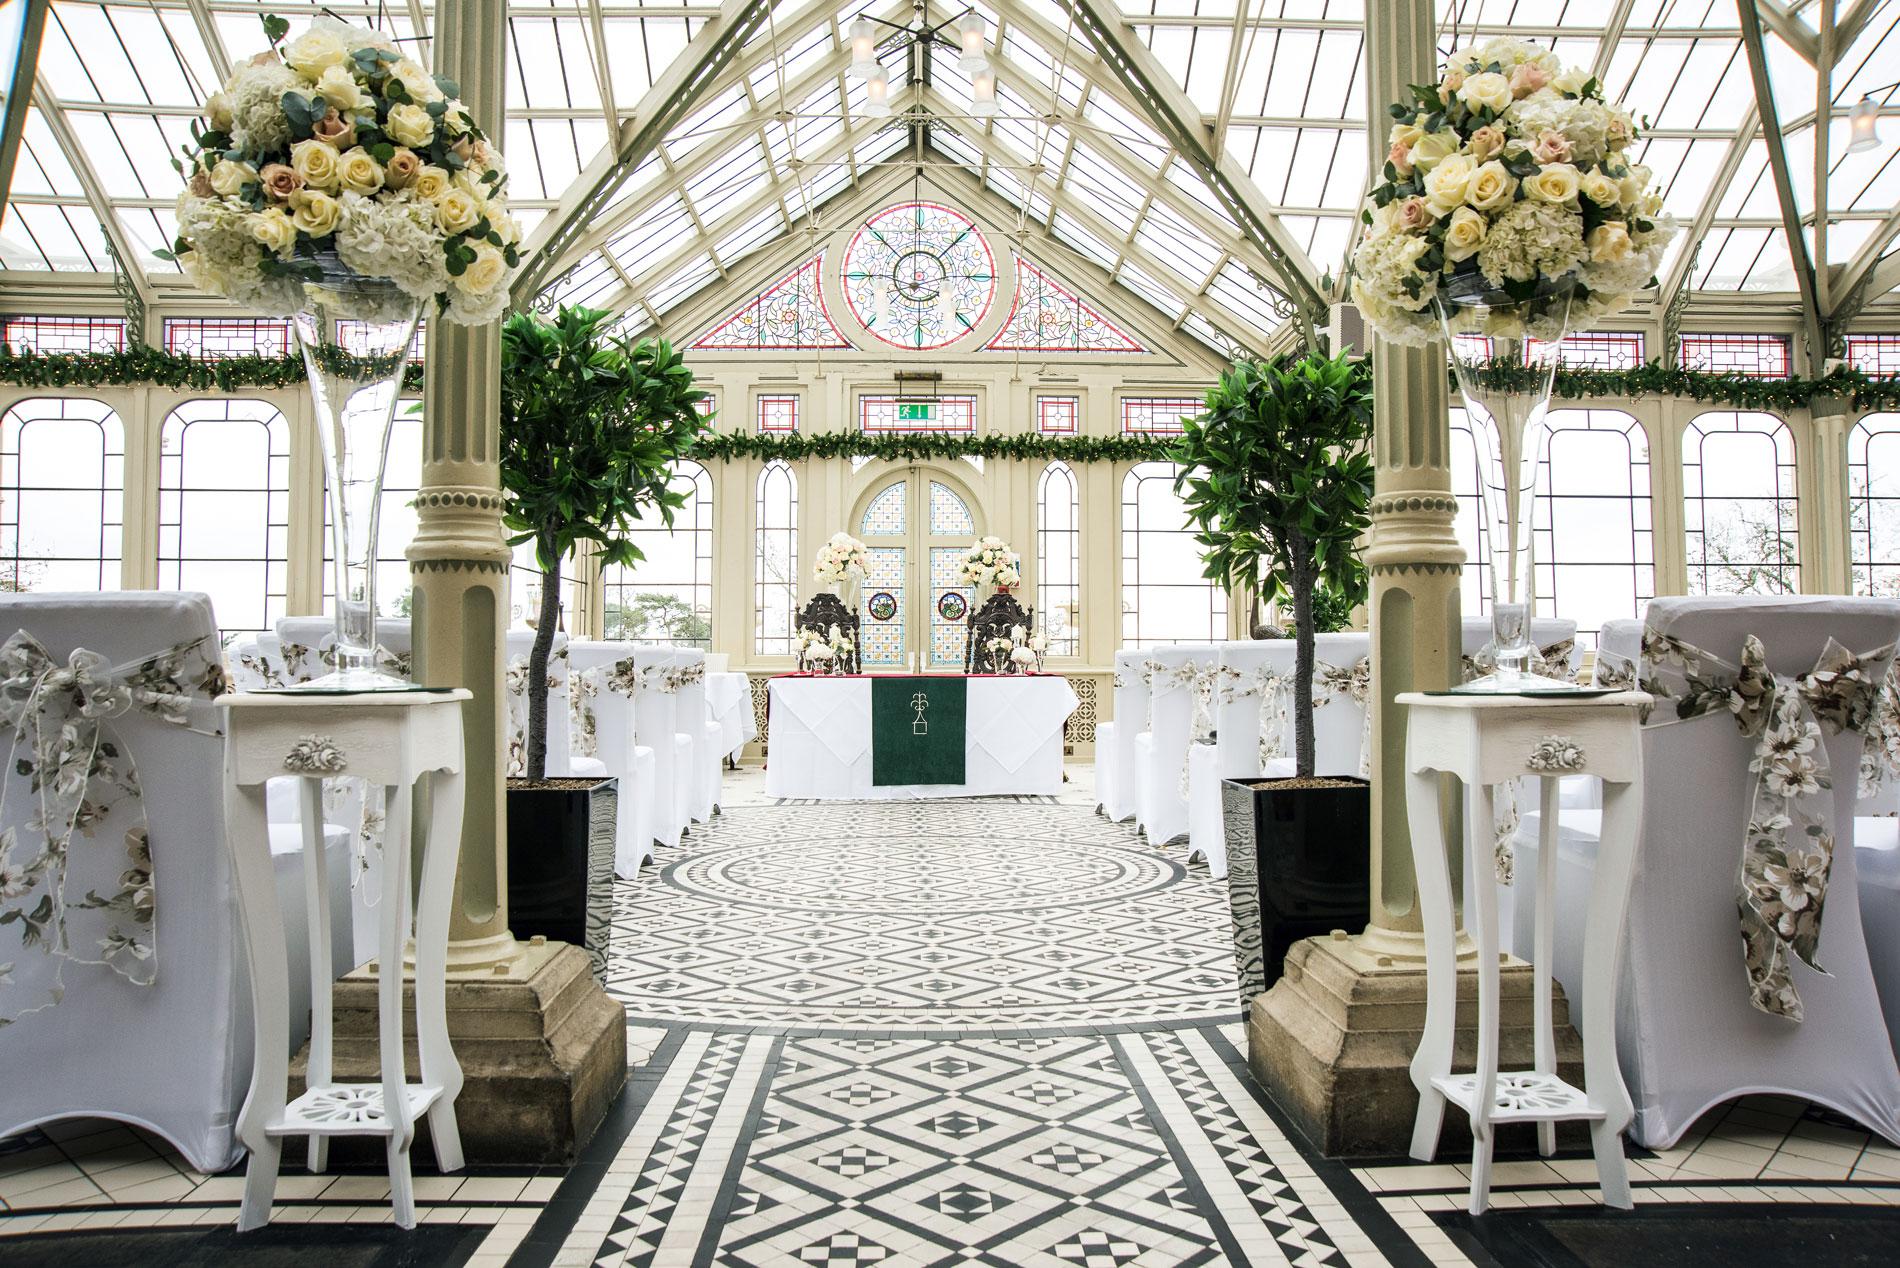 Kilworth-weddings-_15.jpg